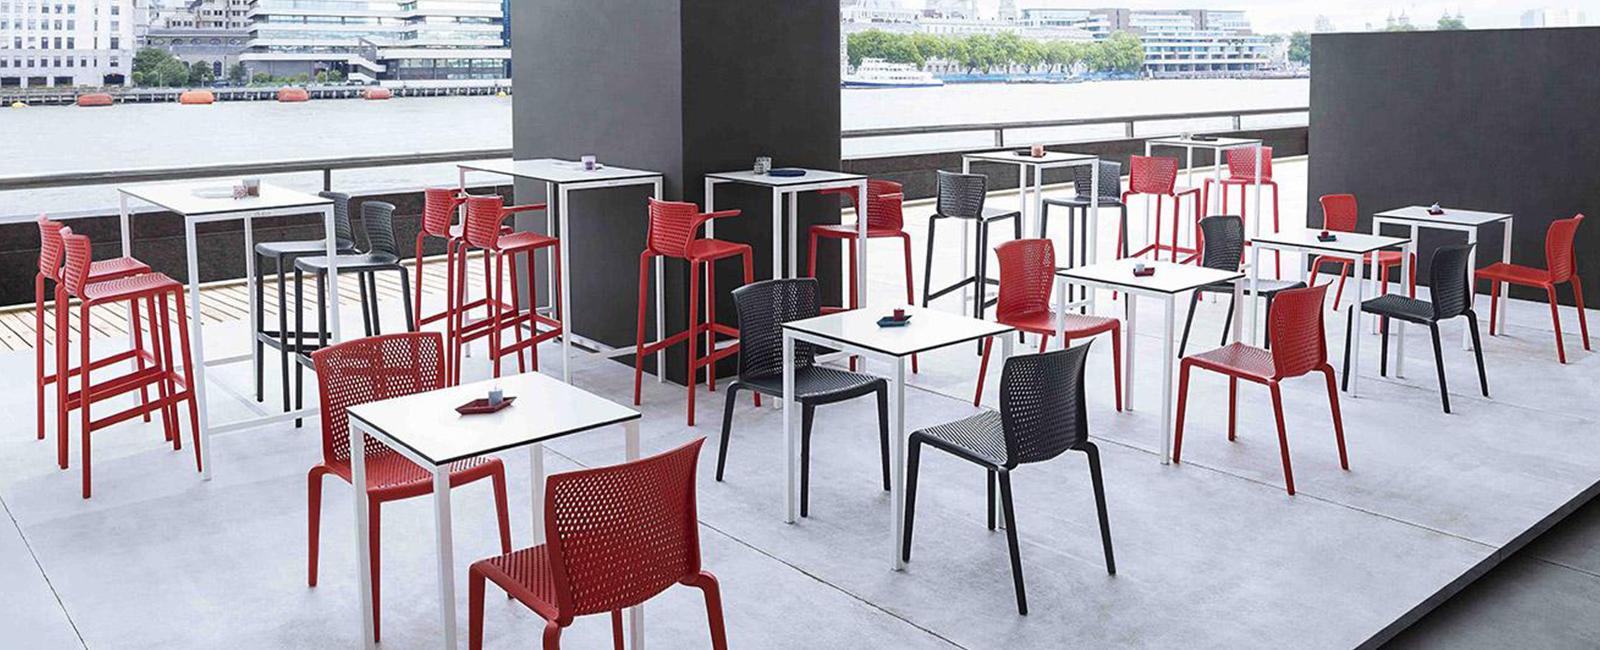 Outdoor furnitureV4